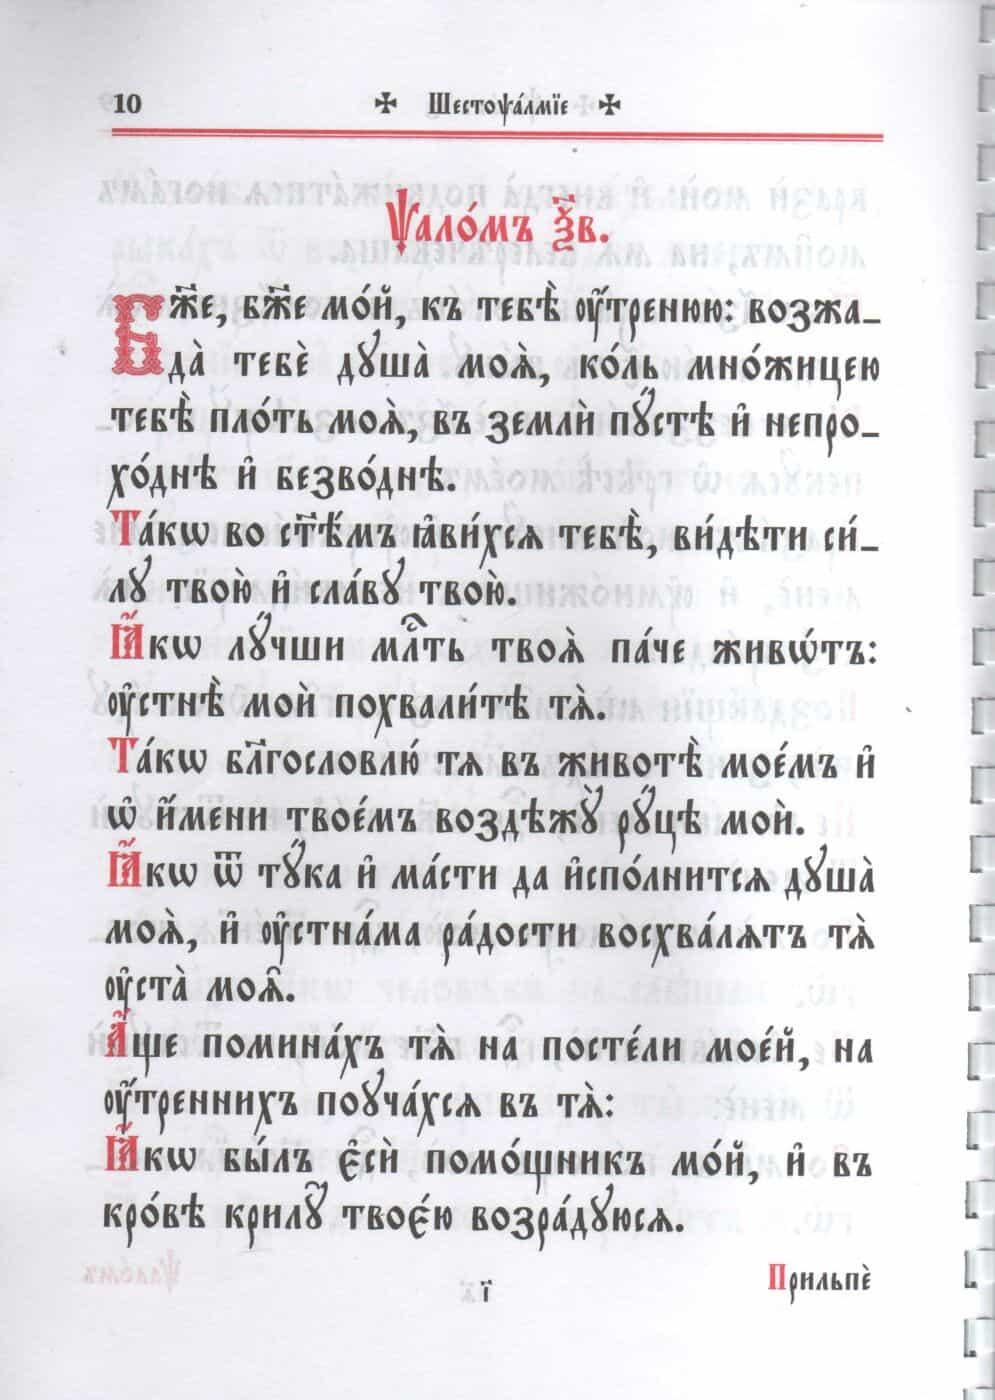 шестопсалмие текст с ударениями